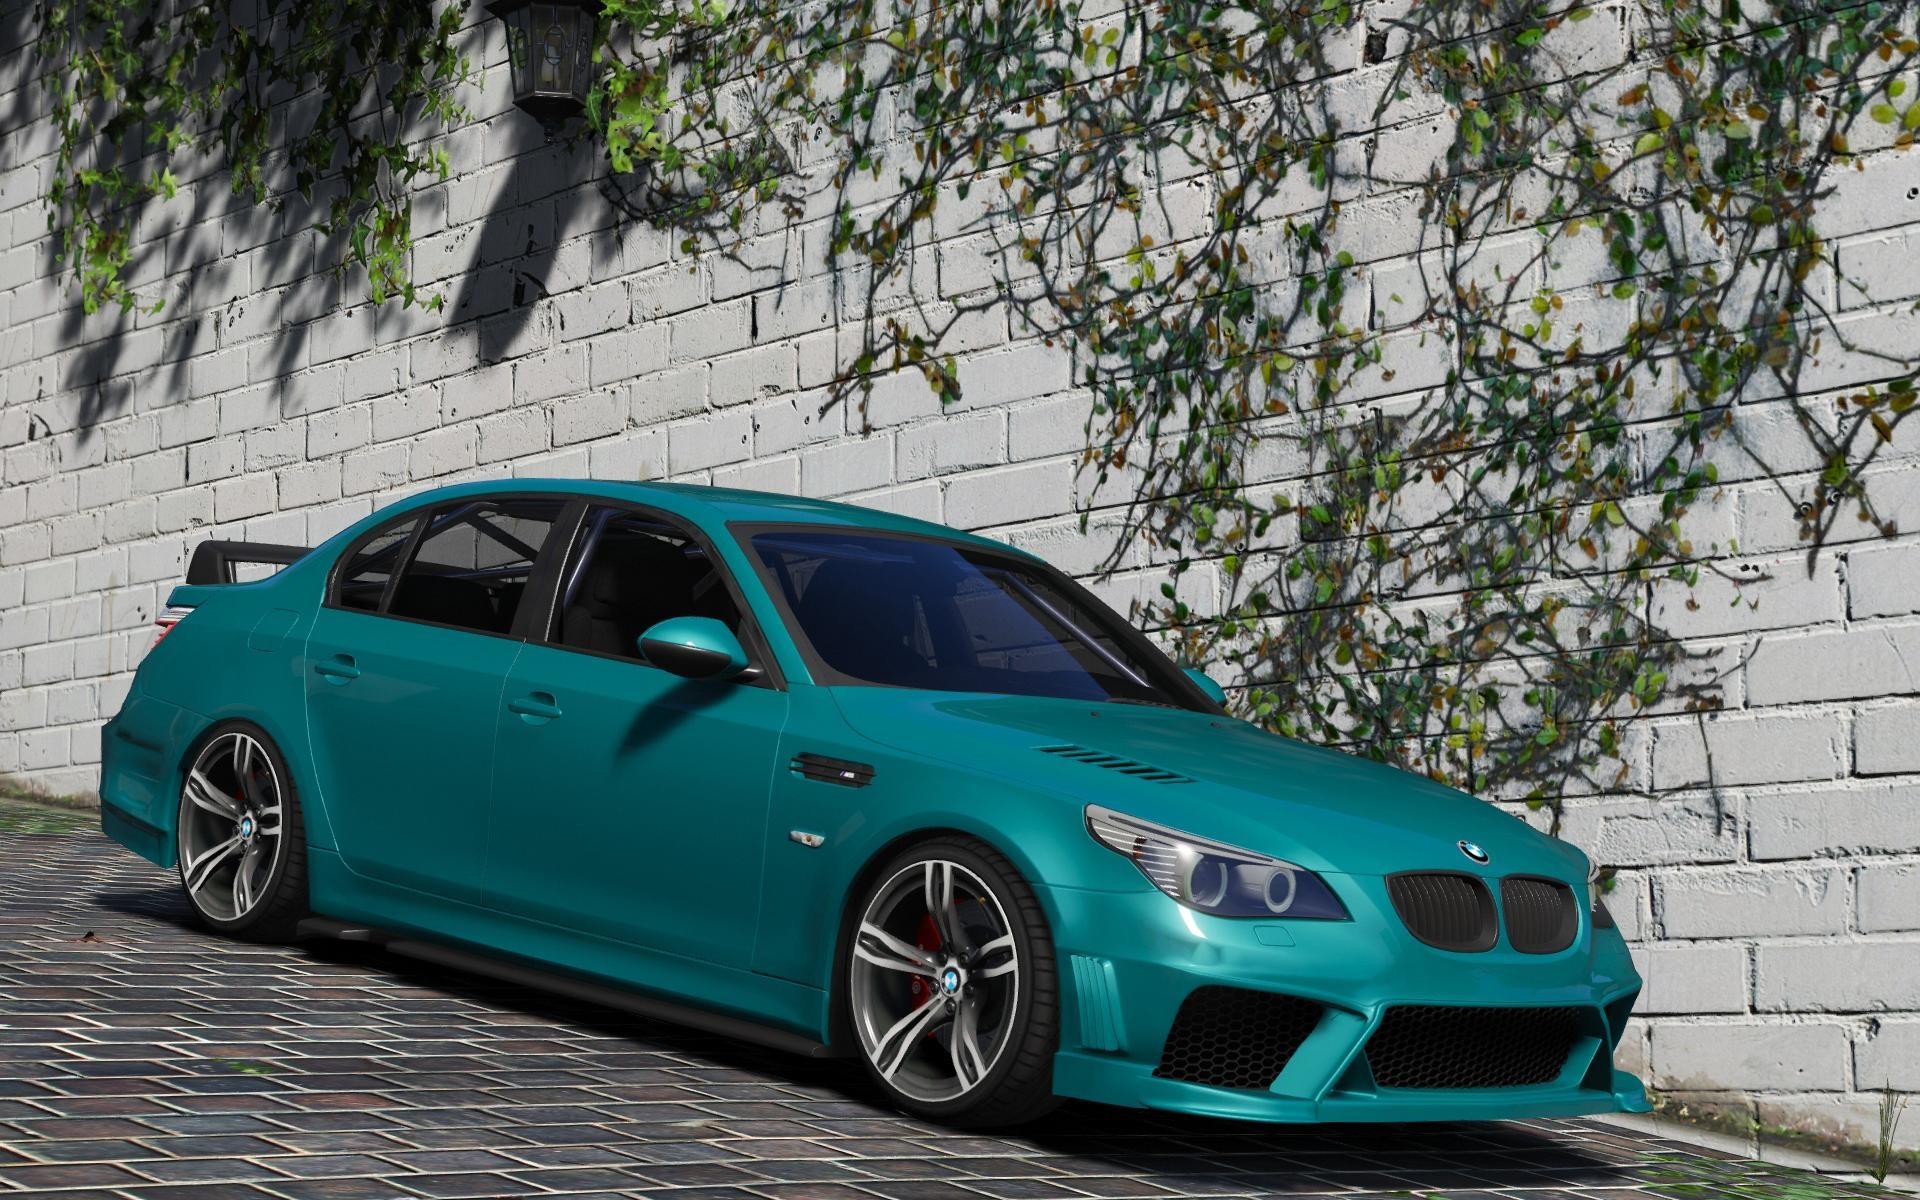 BMW M5 E60 v1.1 для GTA V - Скриншот 2